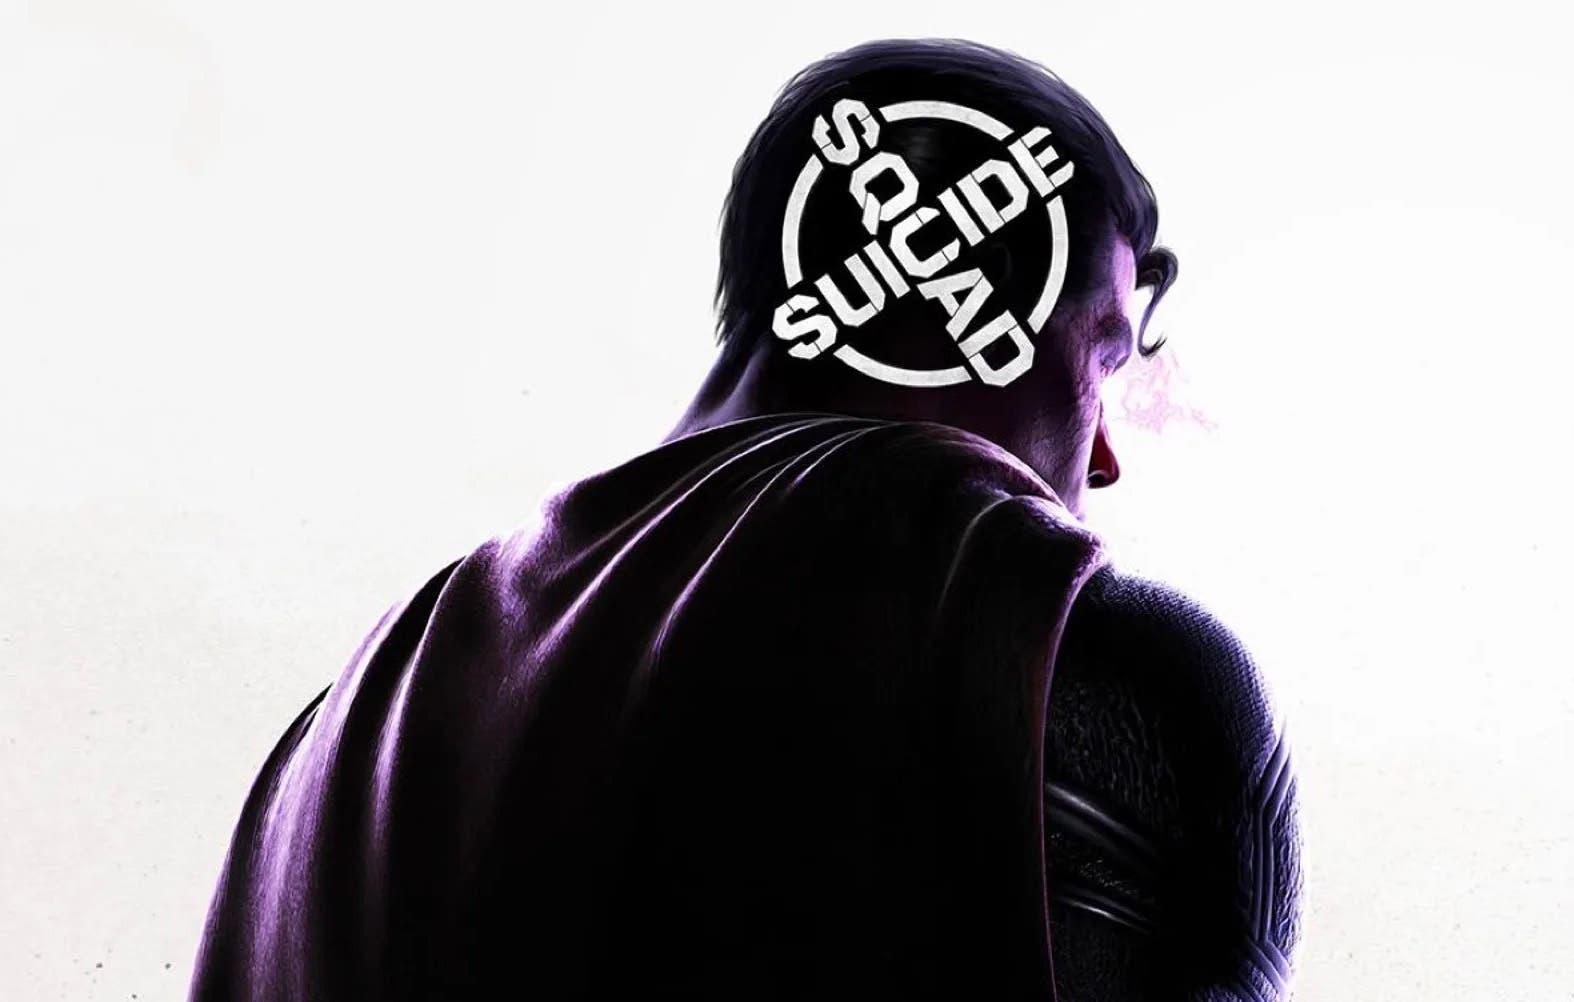 El juego de Suicide Squad se anticipó en una escena de Batman Arkham Origins 6